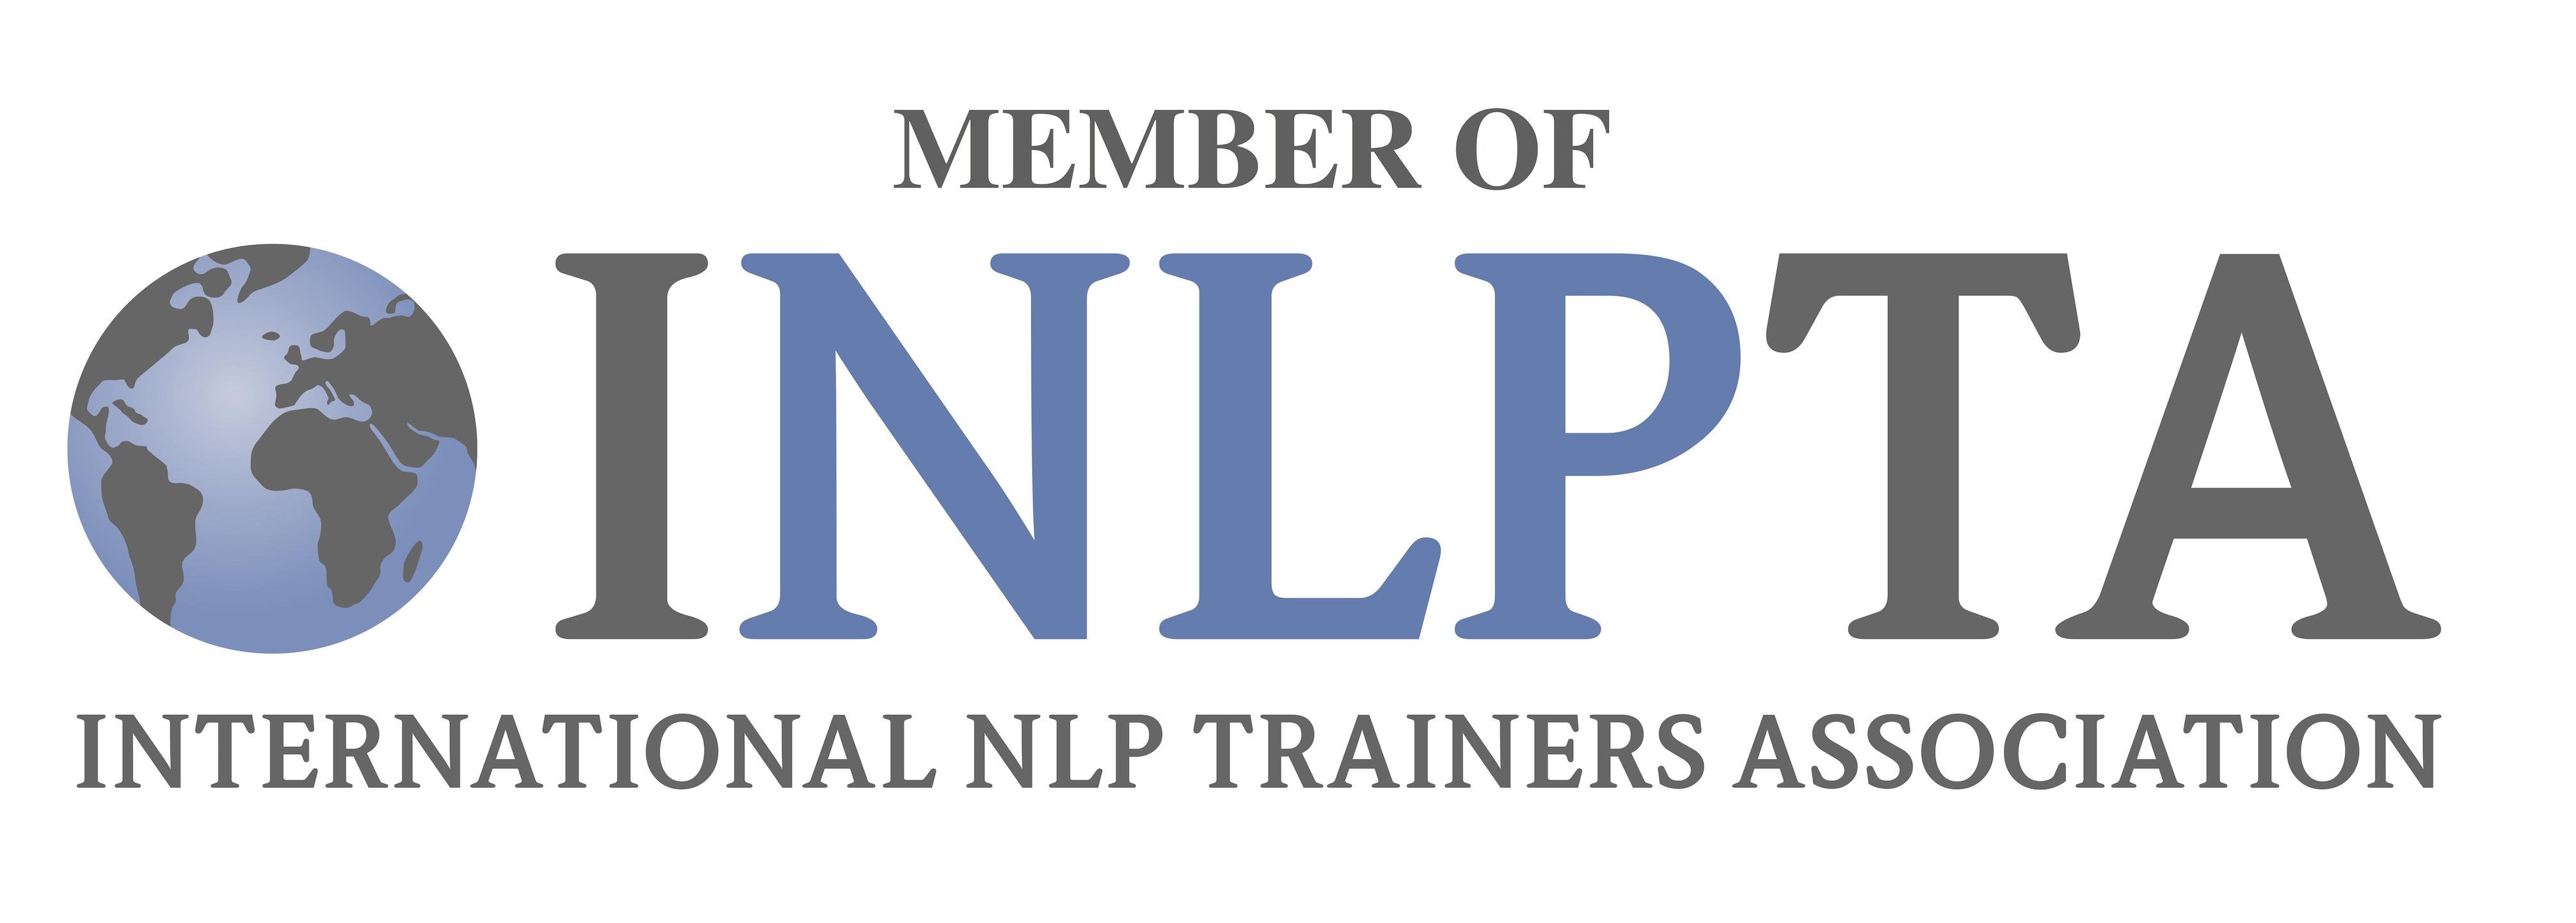 INLPTA logo